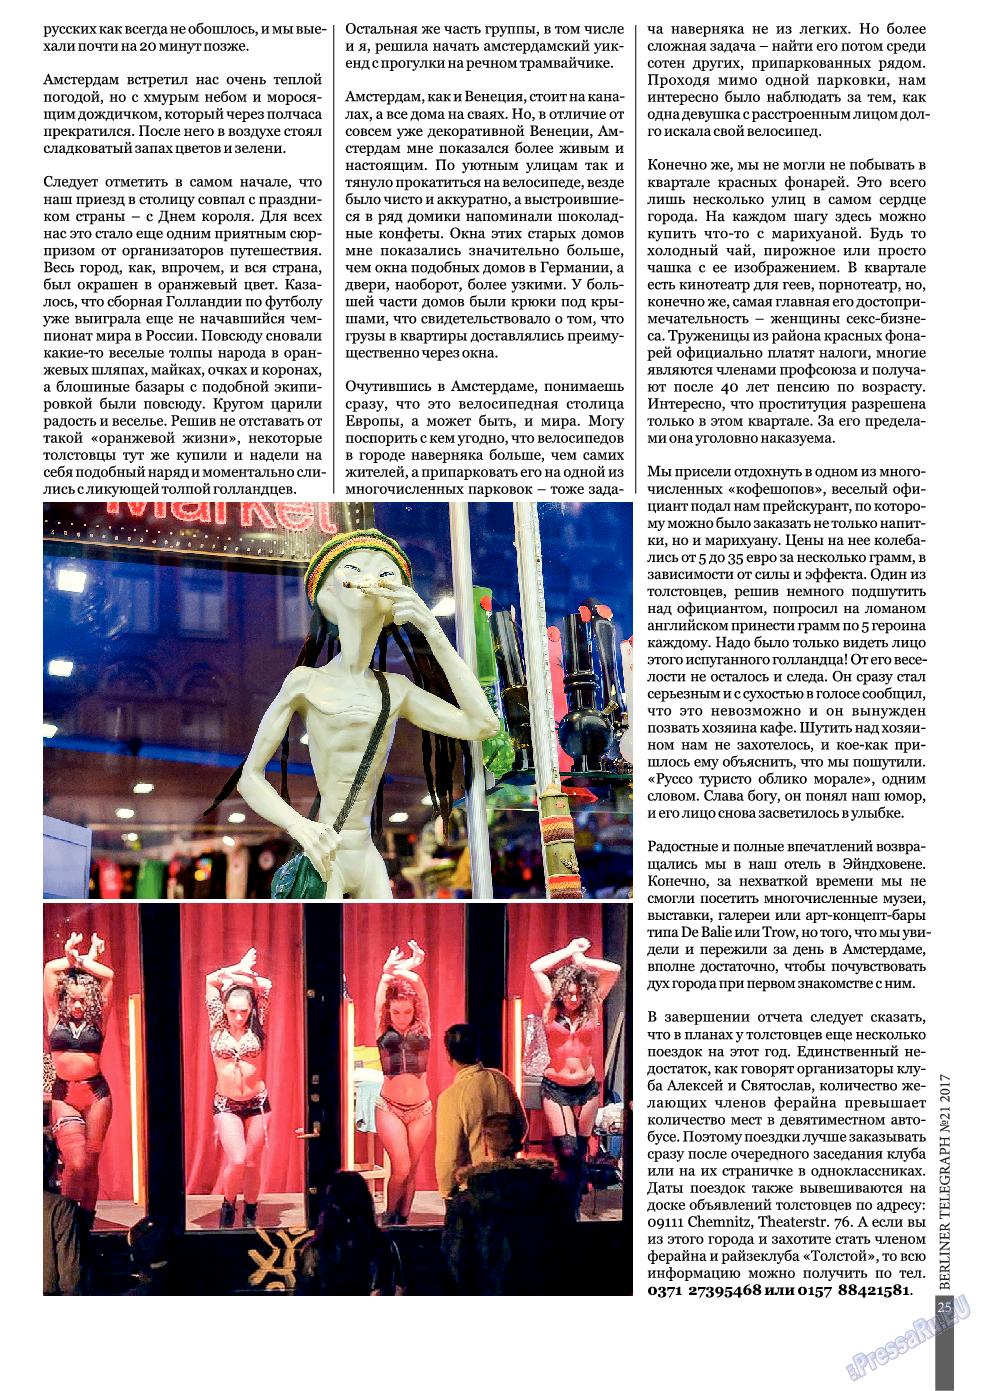 Берлинский телеграф (журнал). 2017 год, номер 21, стр. 25